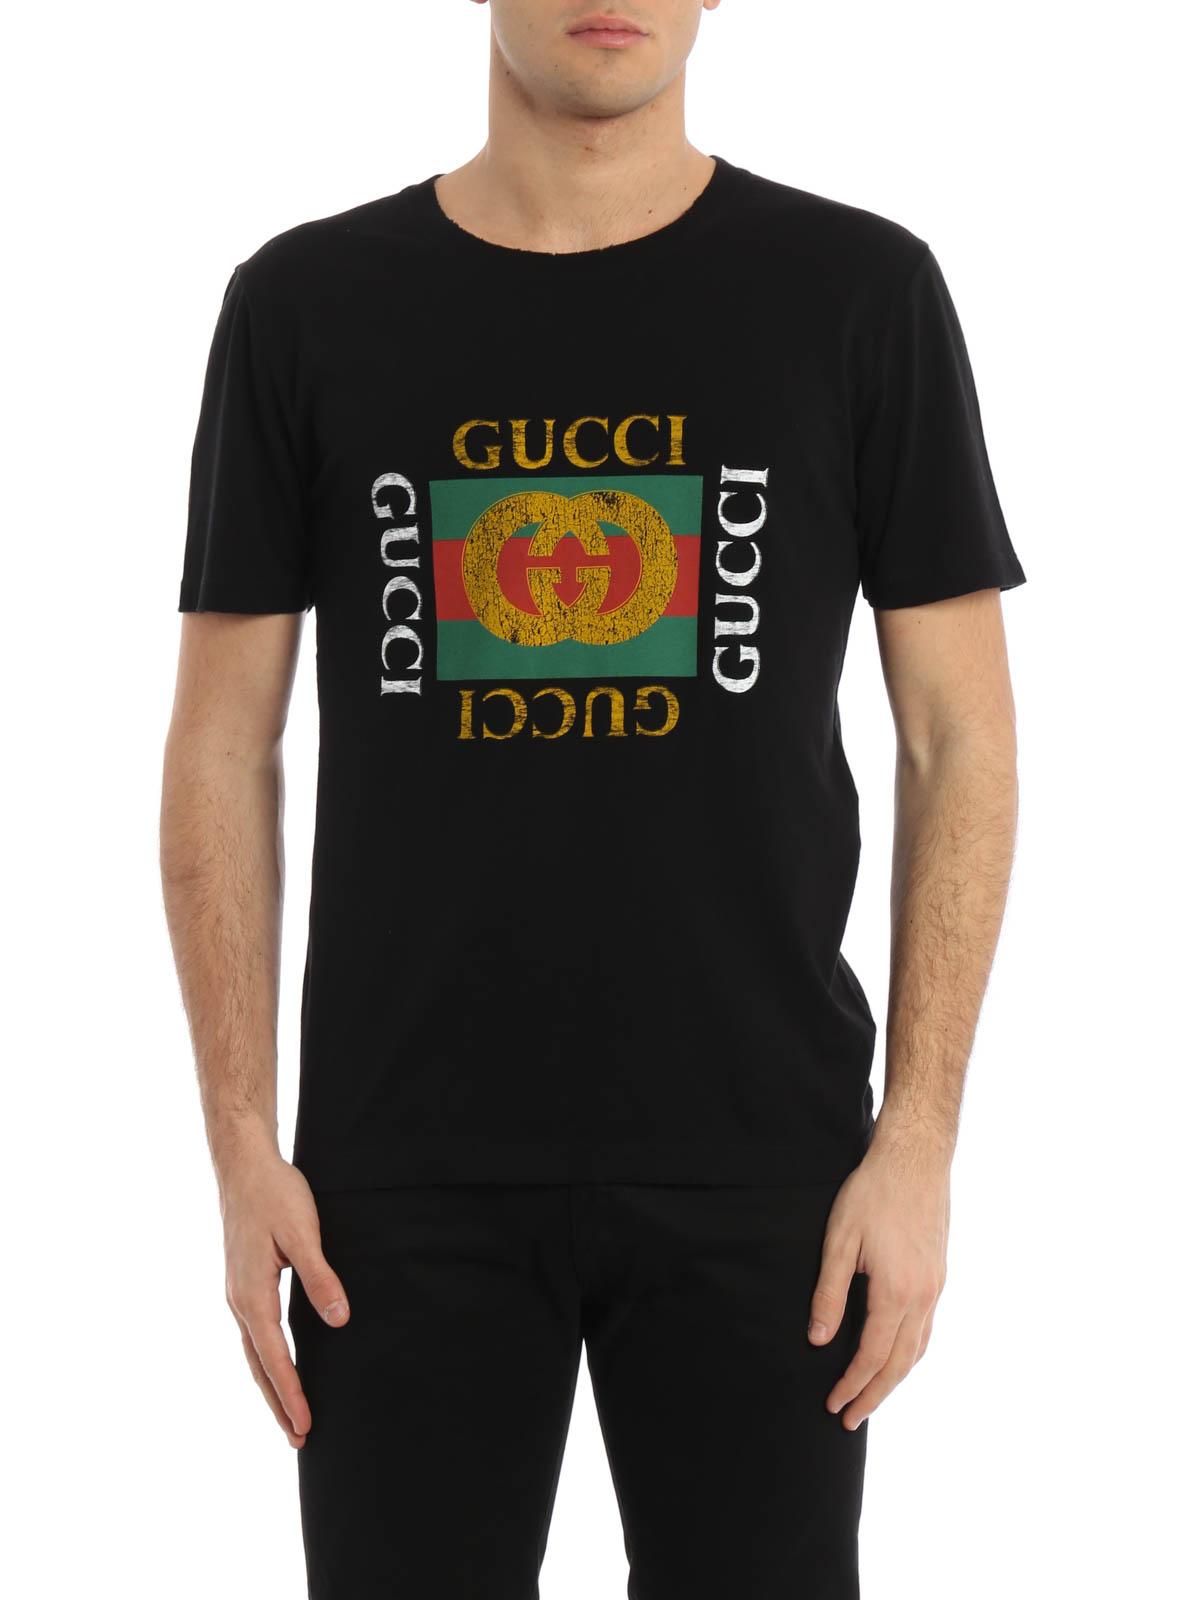 Logo print jersey T-shirt by Gucci - t-shirts | iKRIX